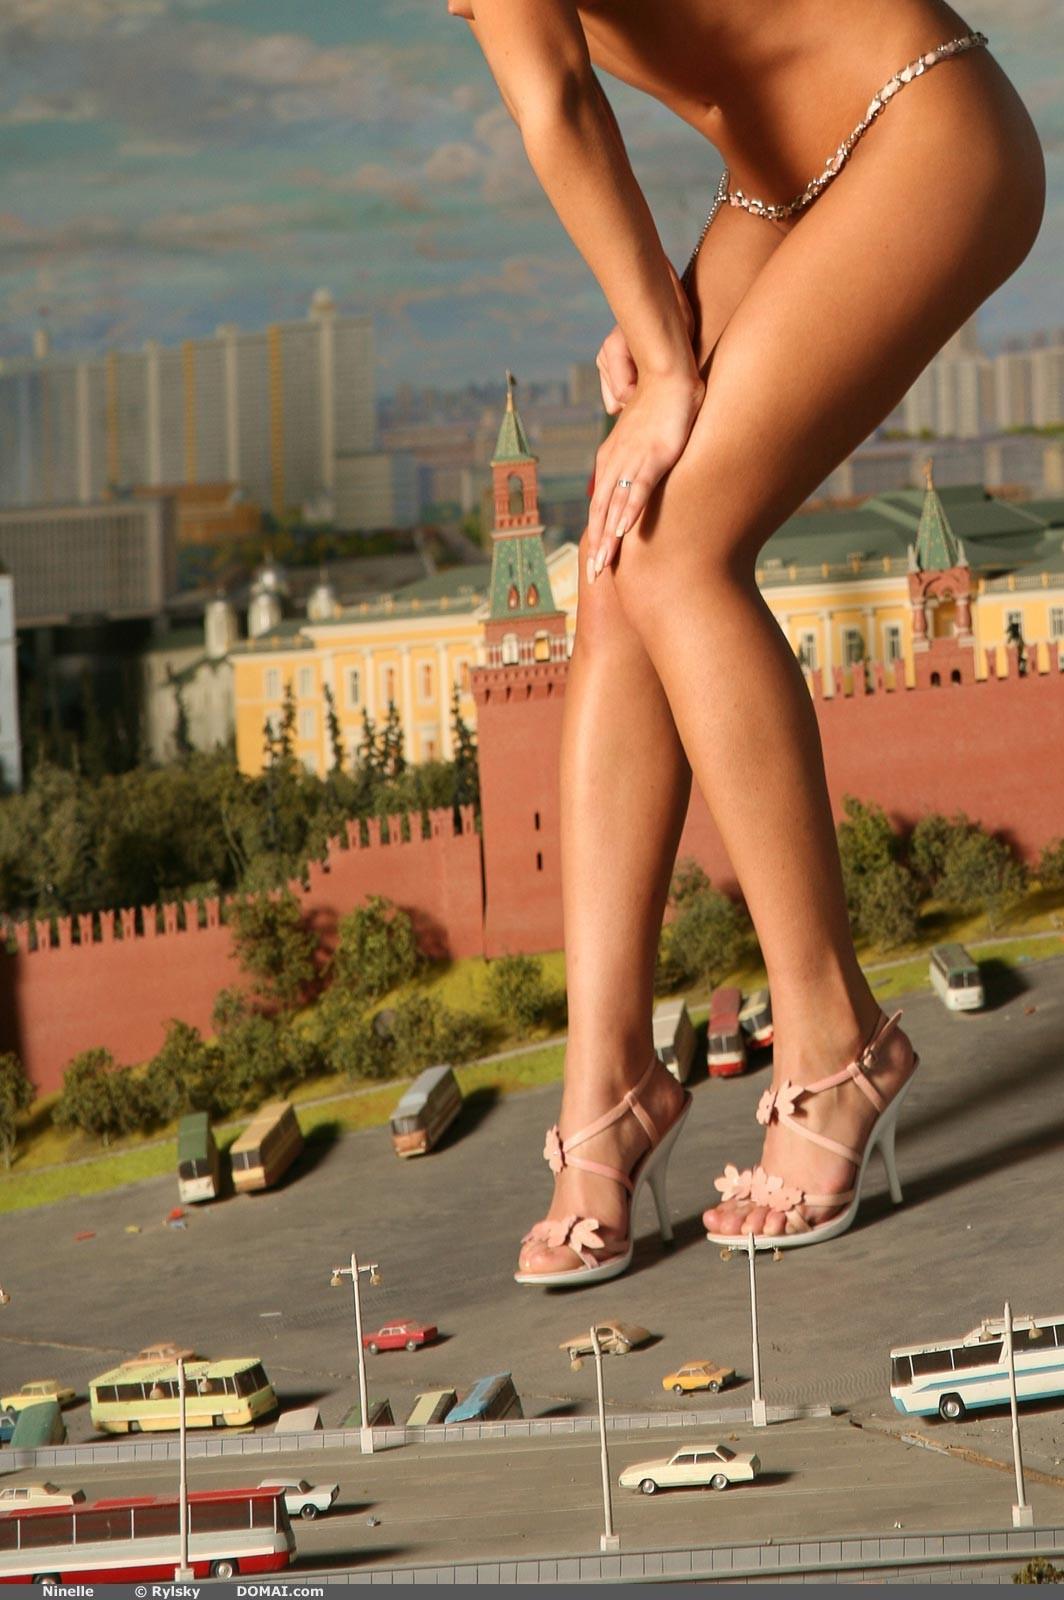 hudaya-razdvigaet-nogi-foto